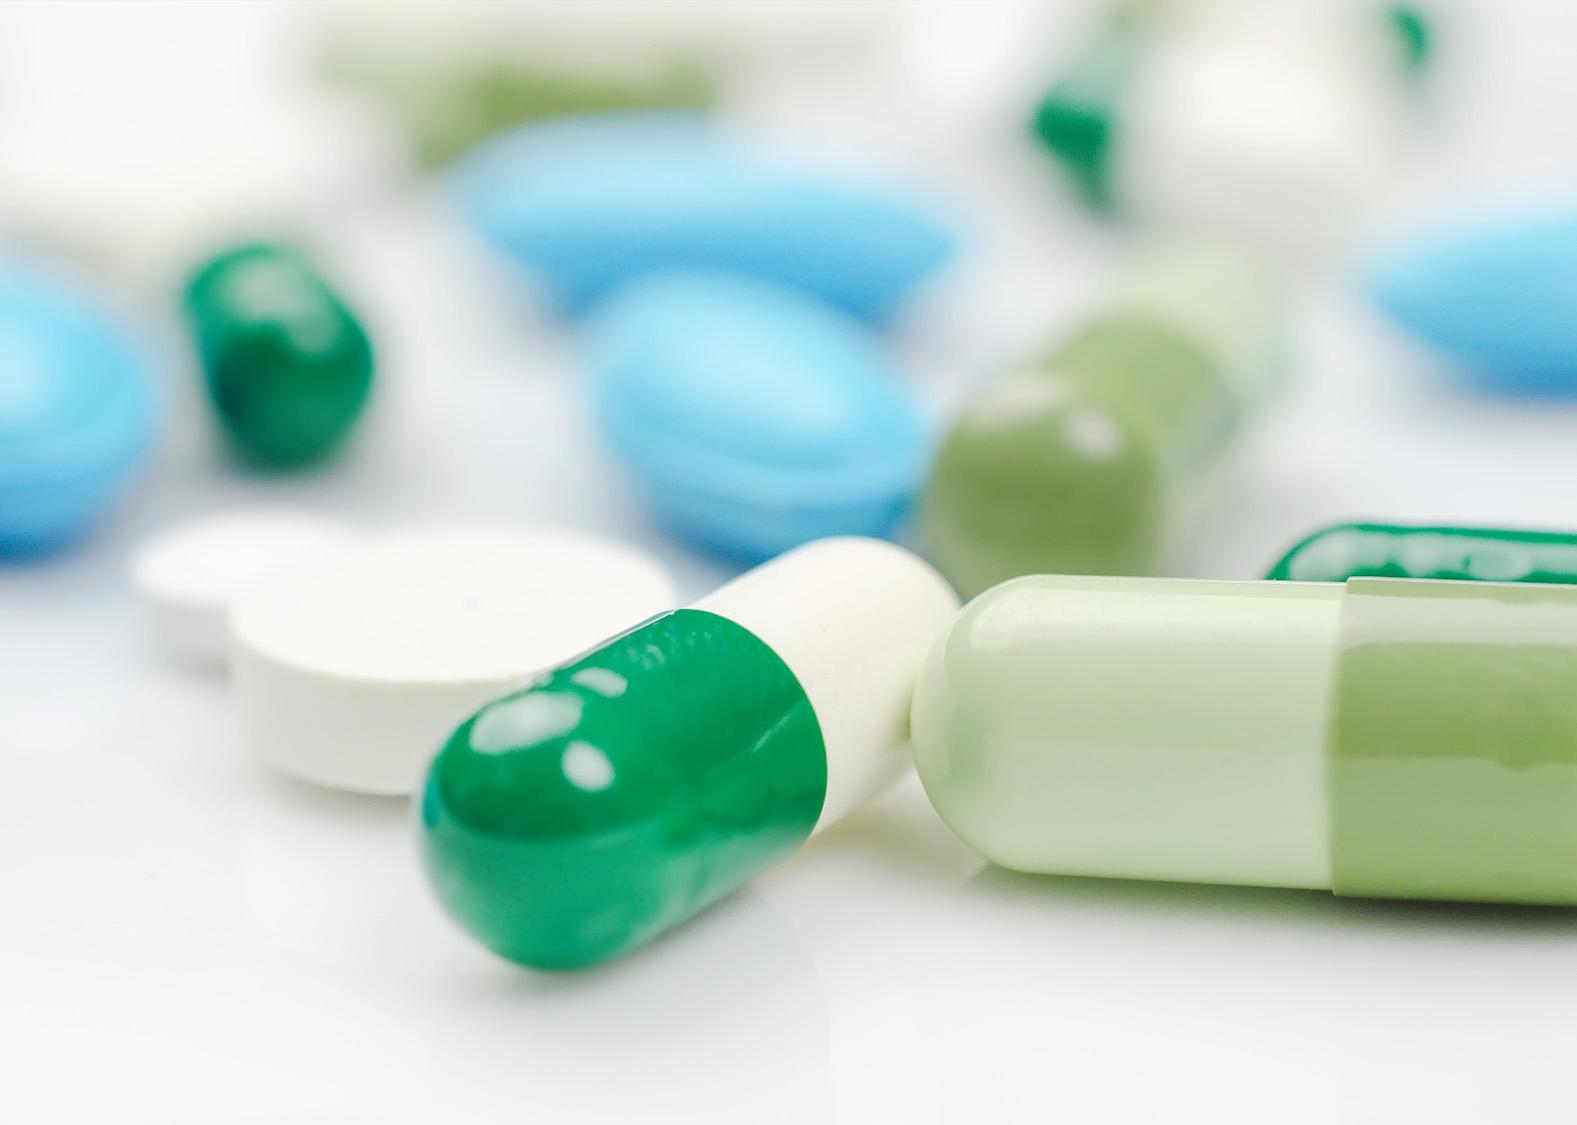 Medicine complementari e alternative e riduzione nell'uso di antibiotici